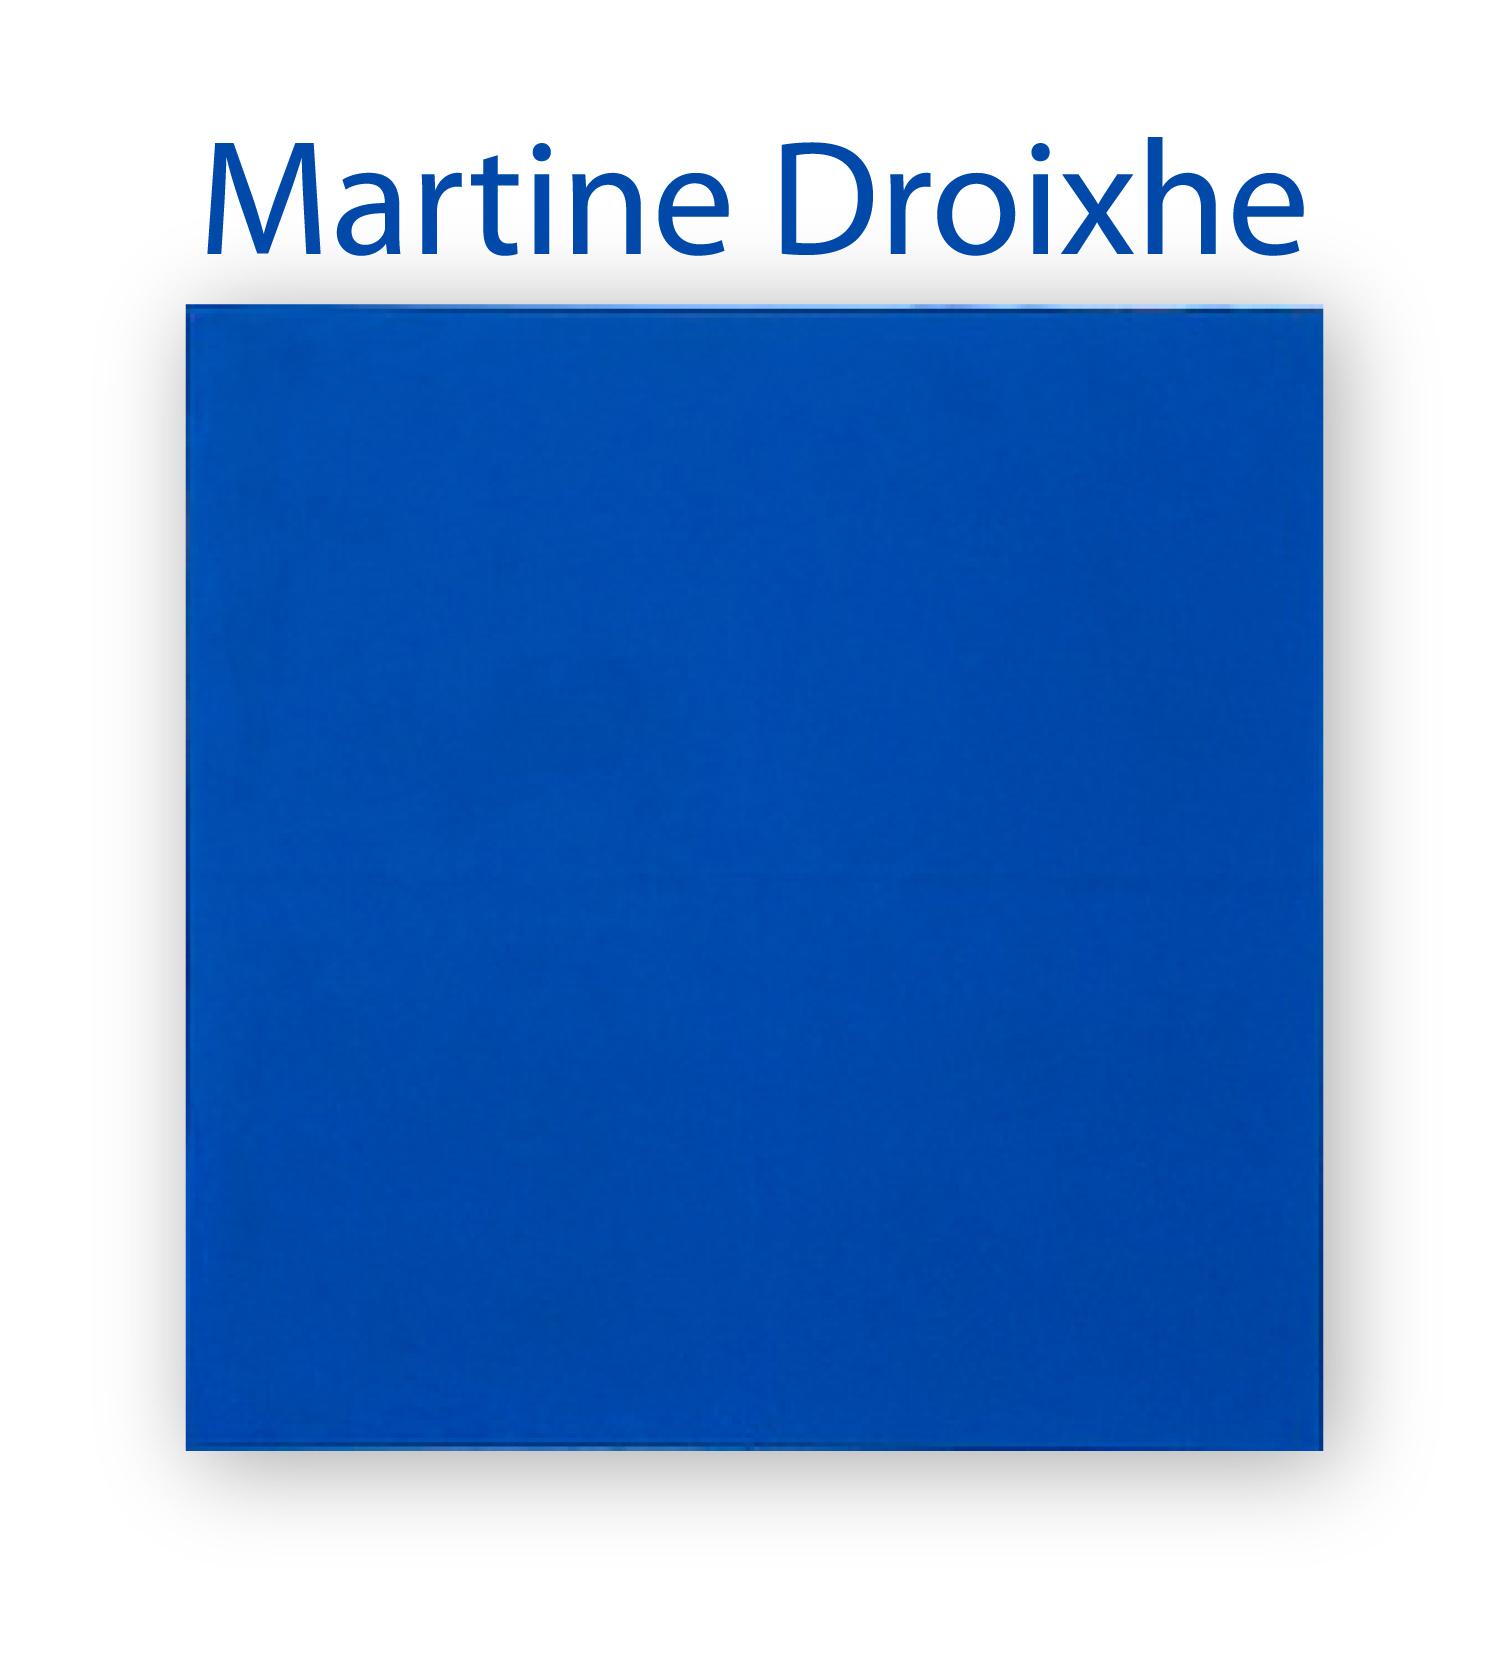 martine Droixhe icone.jpg